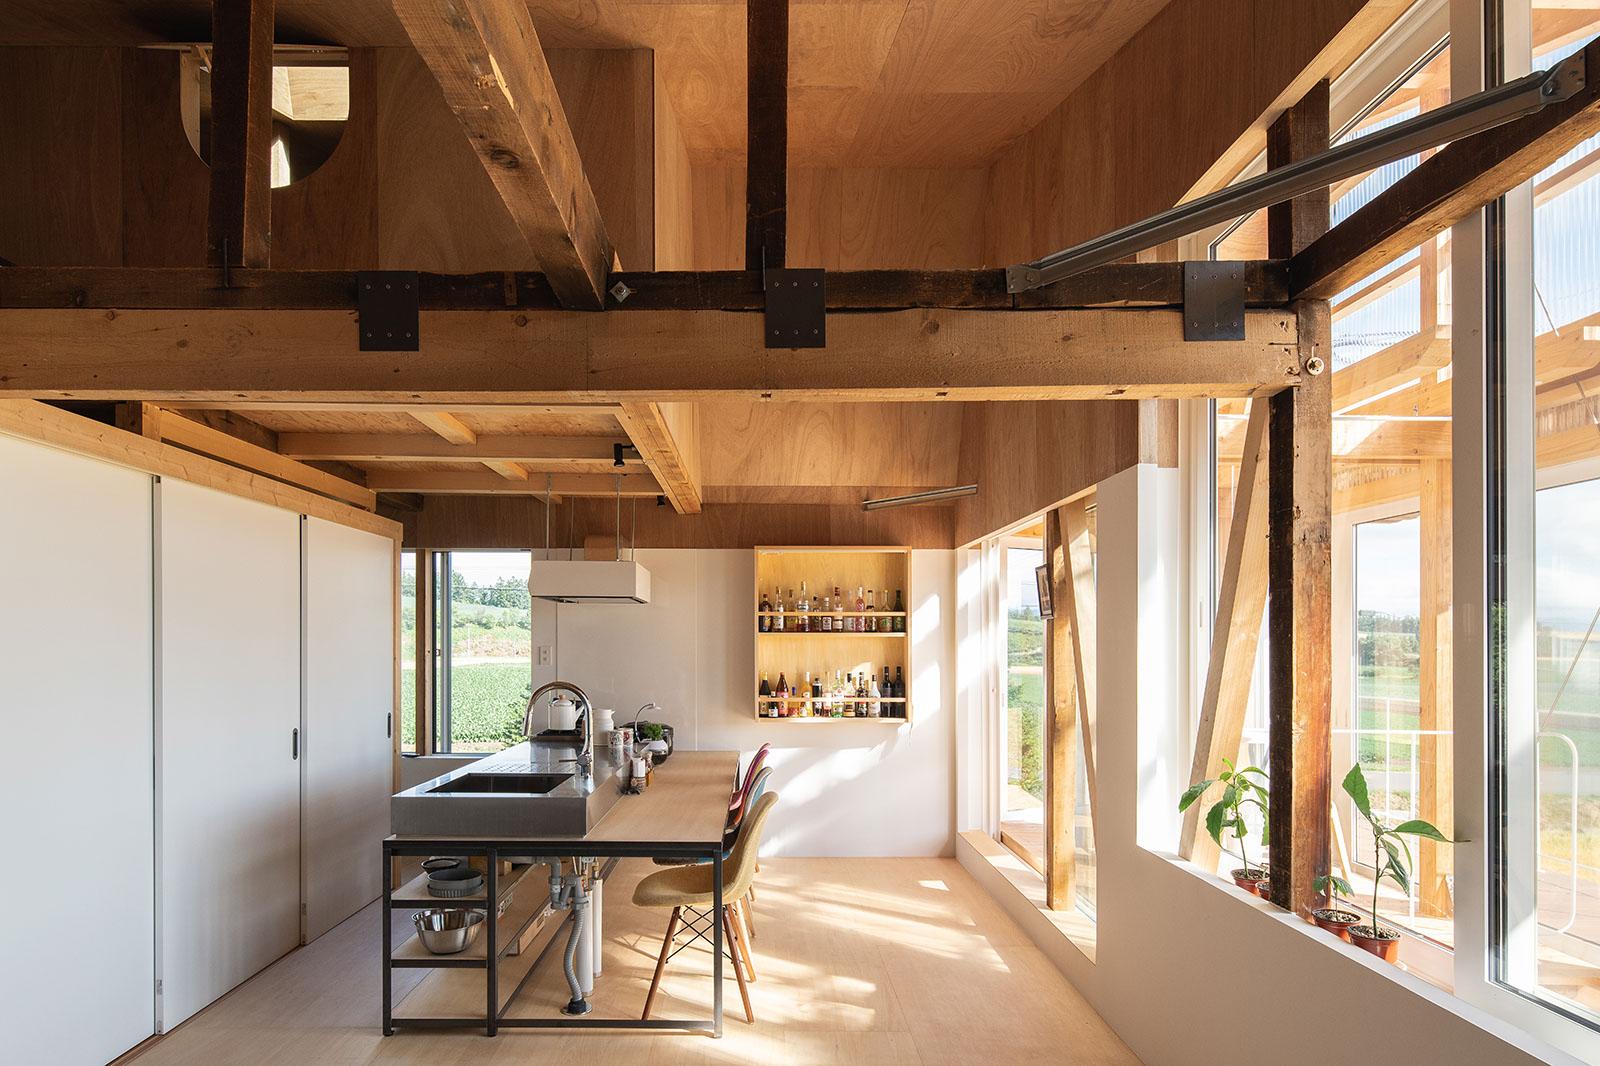 2階子世帯の明るいダイニング・キッチンは構造現しで、屋根なりの高い天井が一層の開放感を与える。床下には、1階の親世帯に配慮して厚手のスタイロフォームを入れ、防音処理を施している